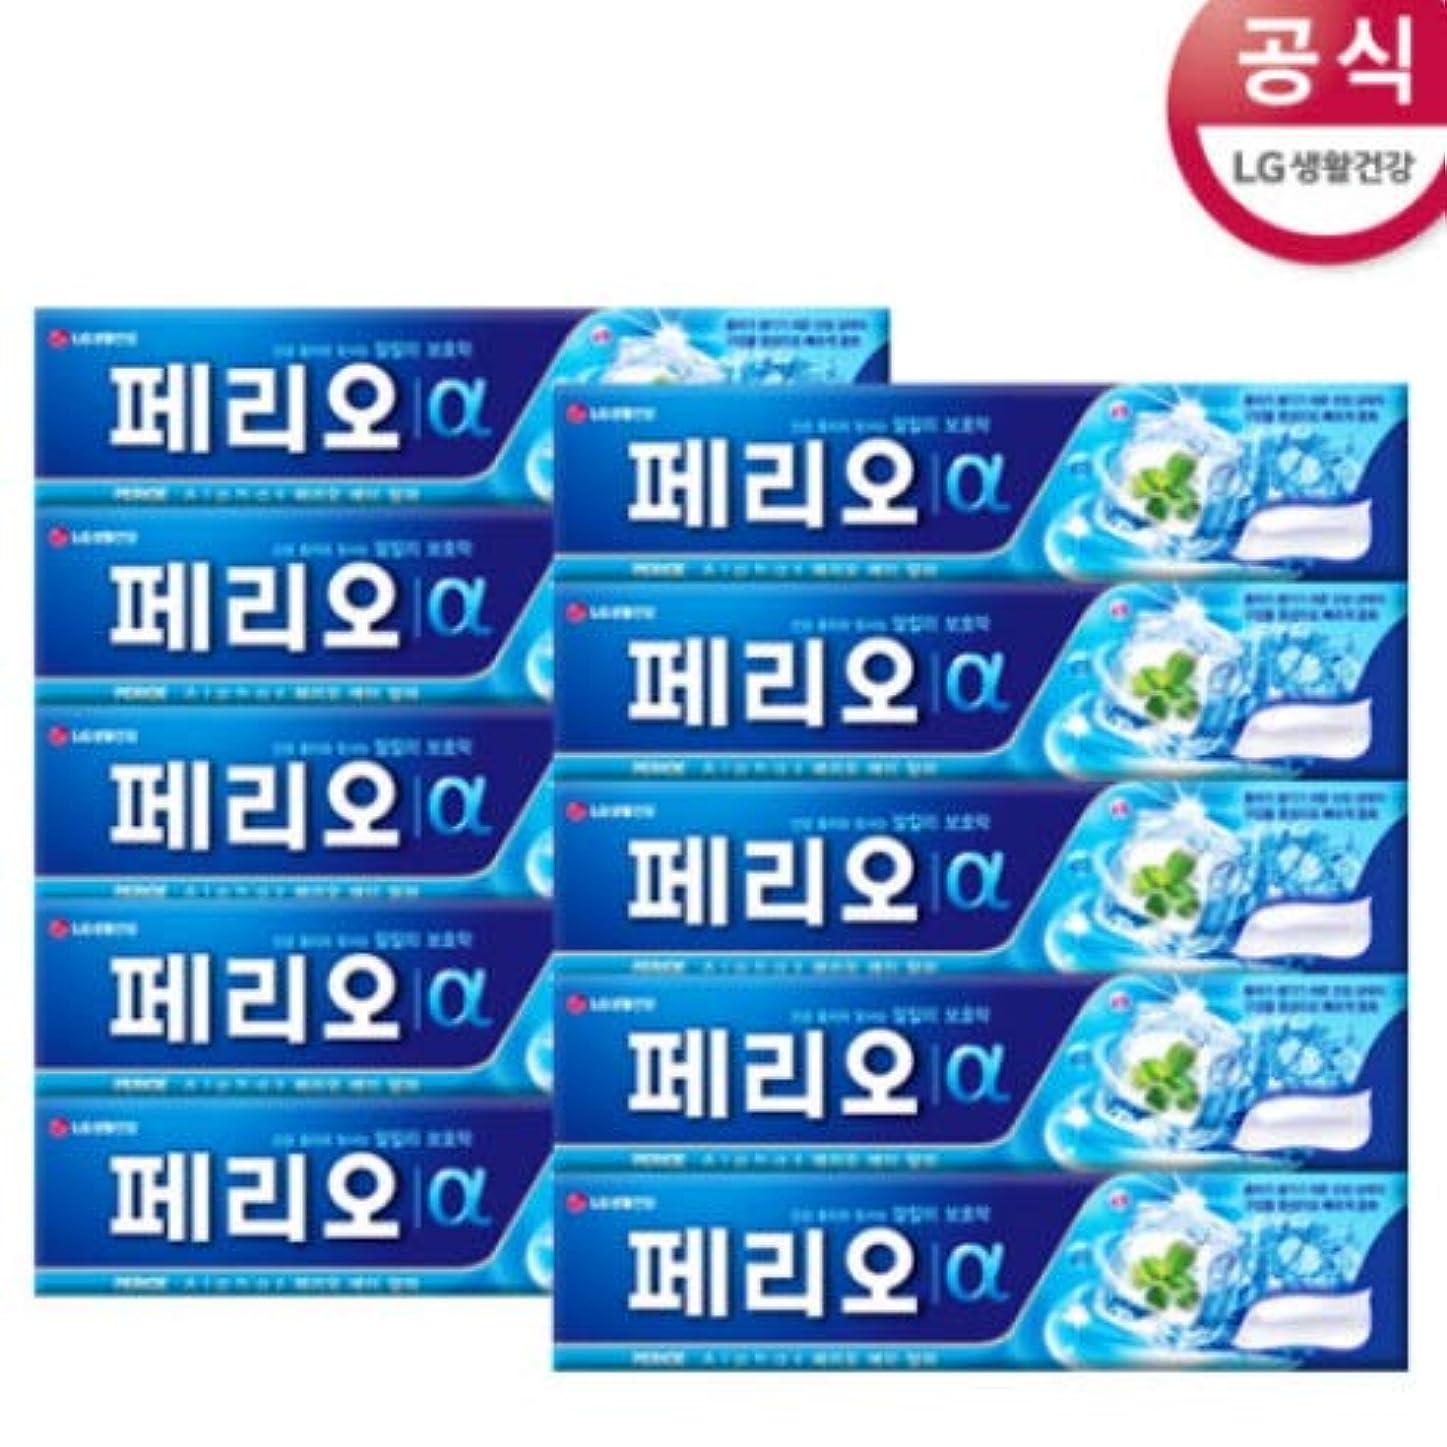 ジョセフバンクス同一性電信[LG HnB] Perio Alpha Toothpaste/ペリオアルファ歯磨き粉 170gx10個(海外直送品)